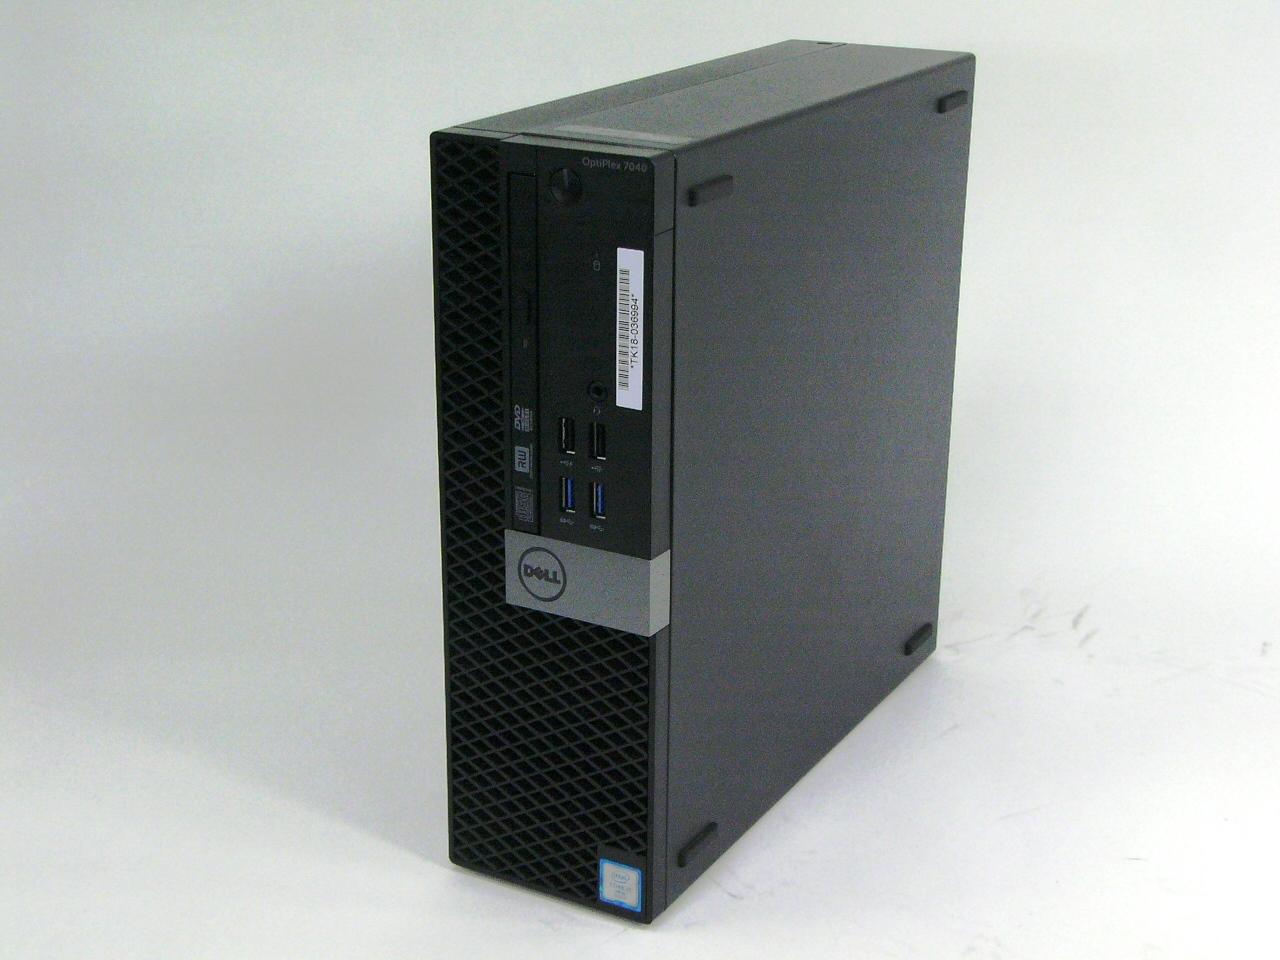 美品 DELL OPTIPLEX 7040 SFF /Windows 10 Pro /Core i7-6700 /500GB 16GB